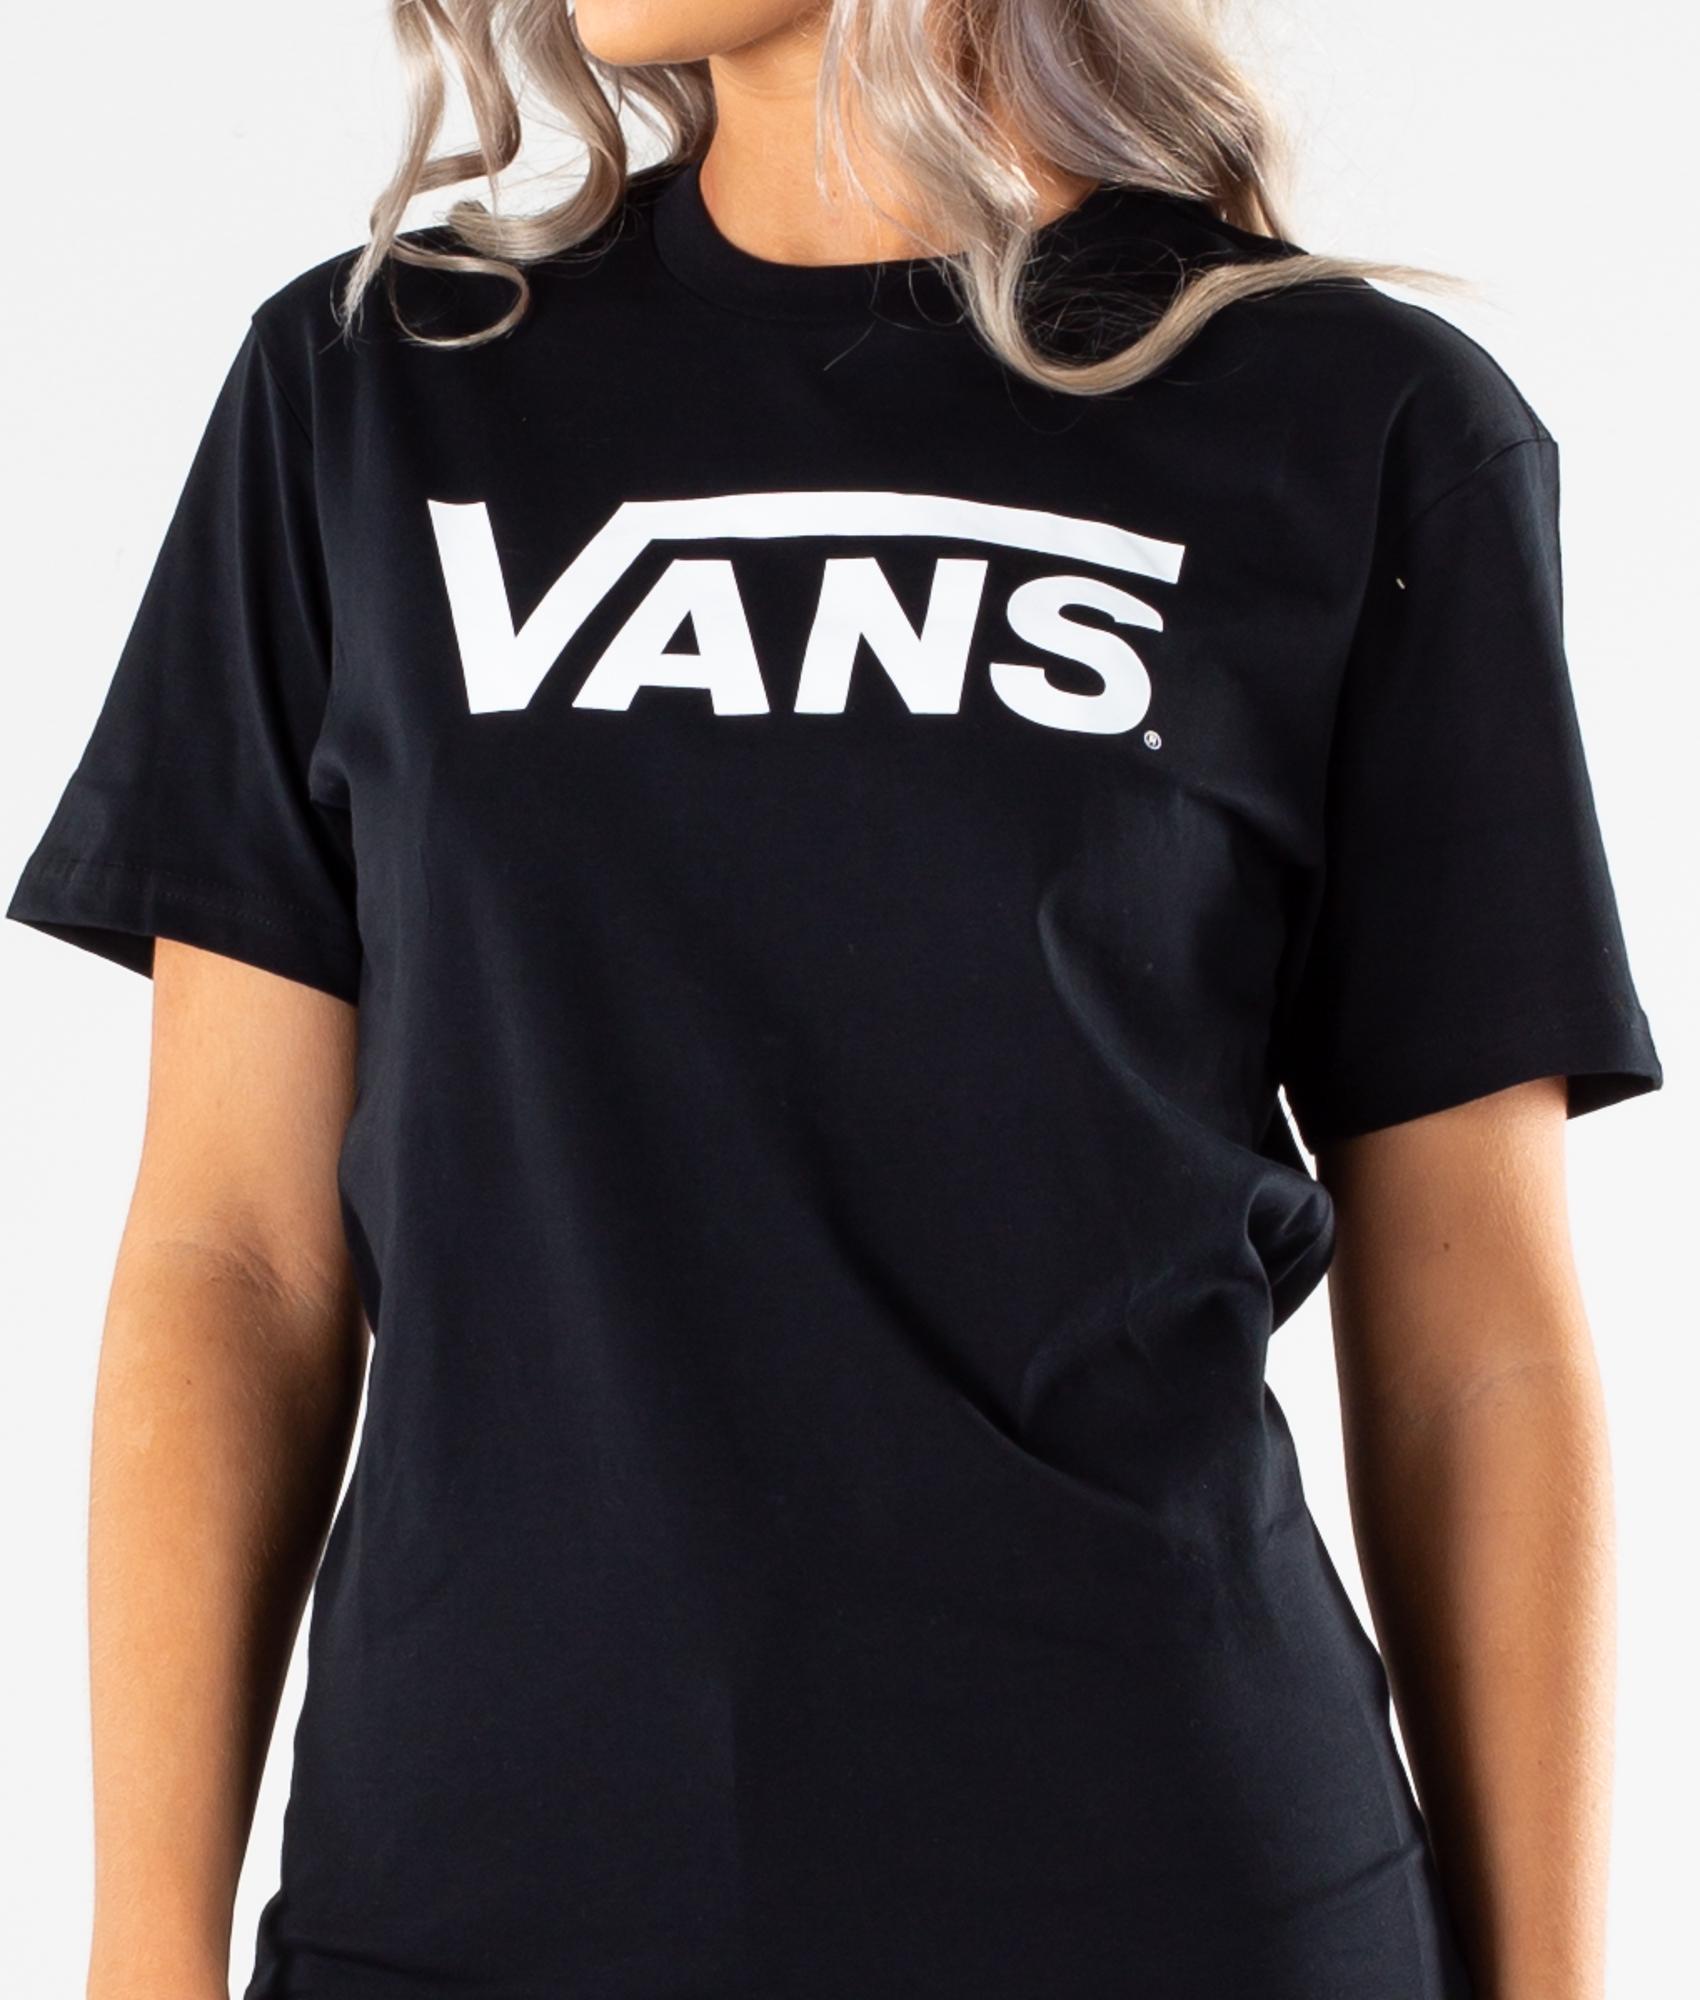 magliette vans